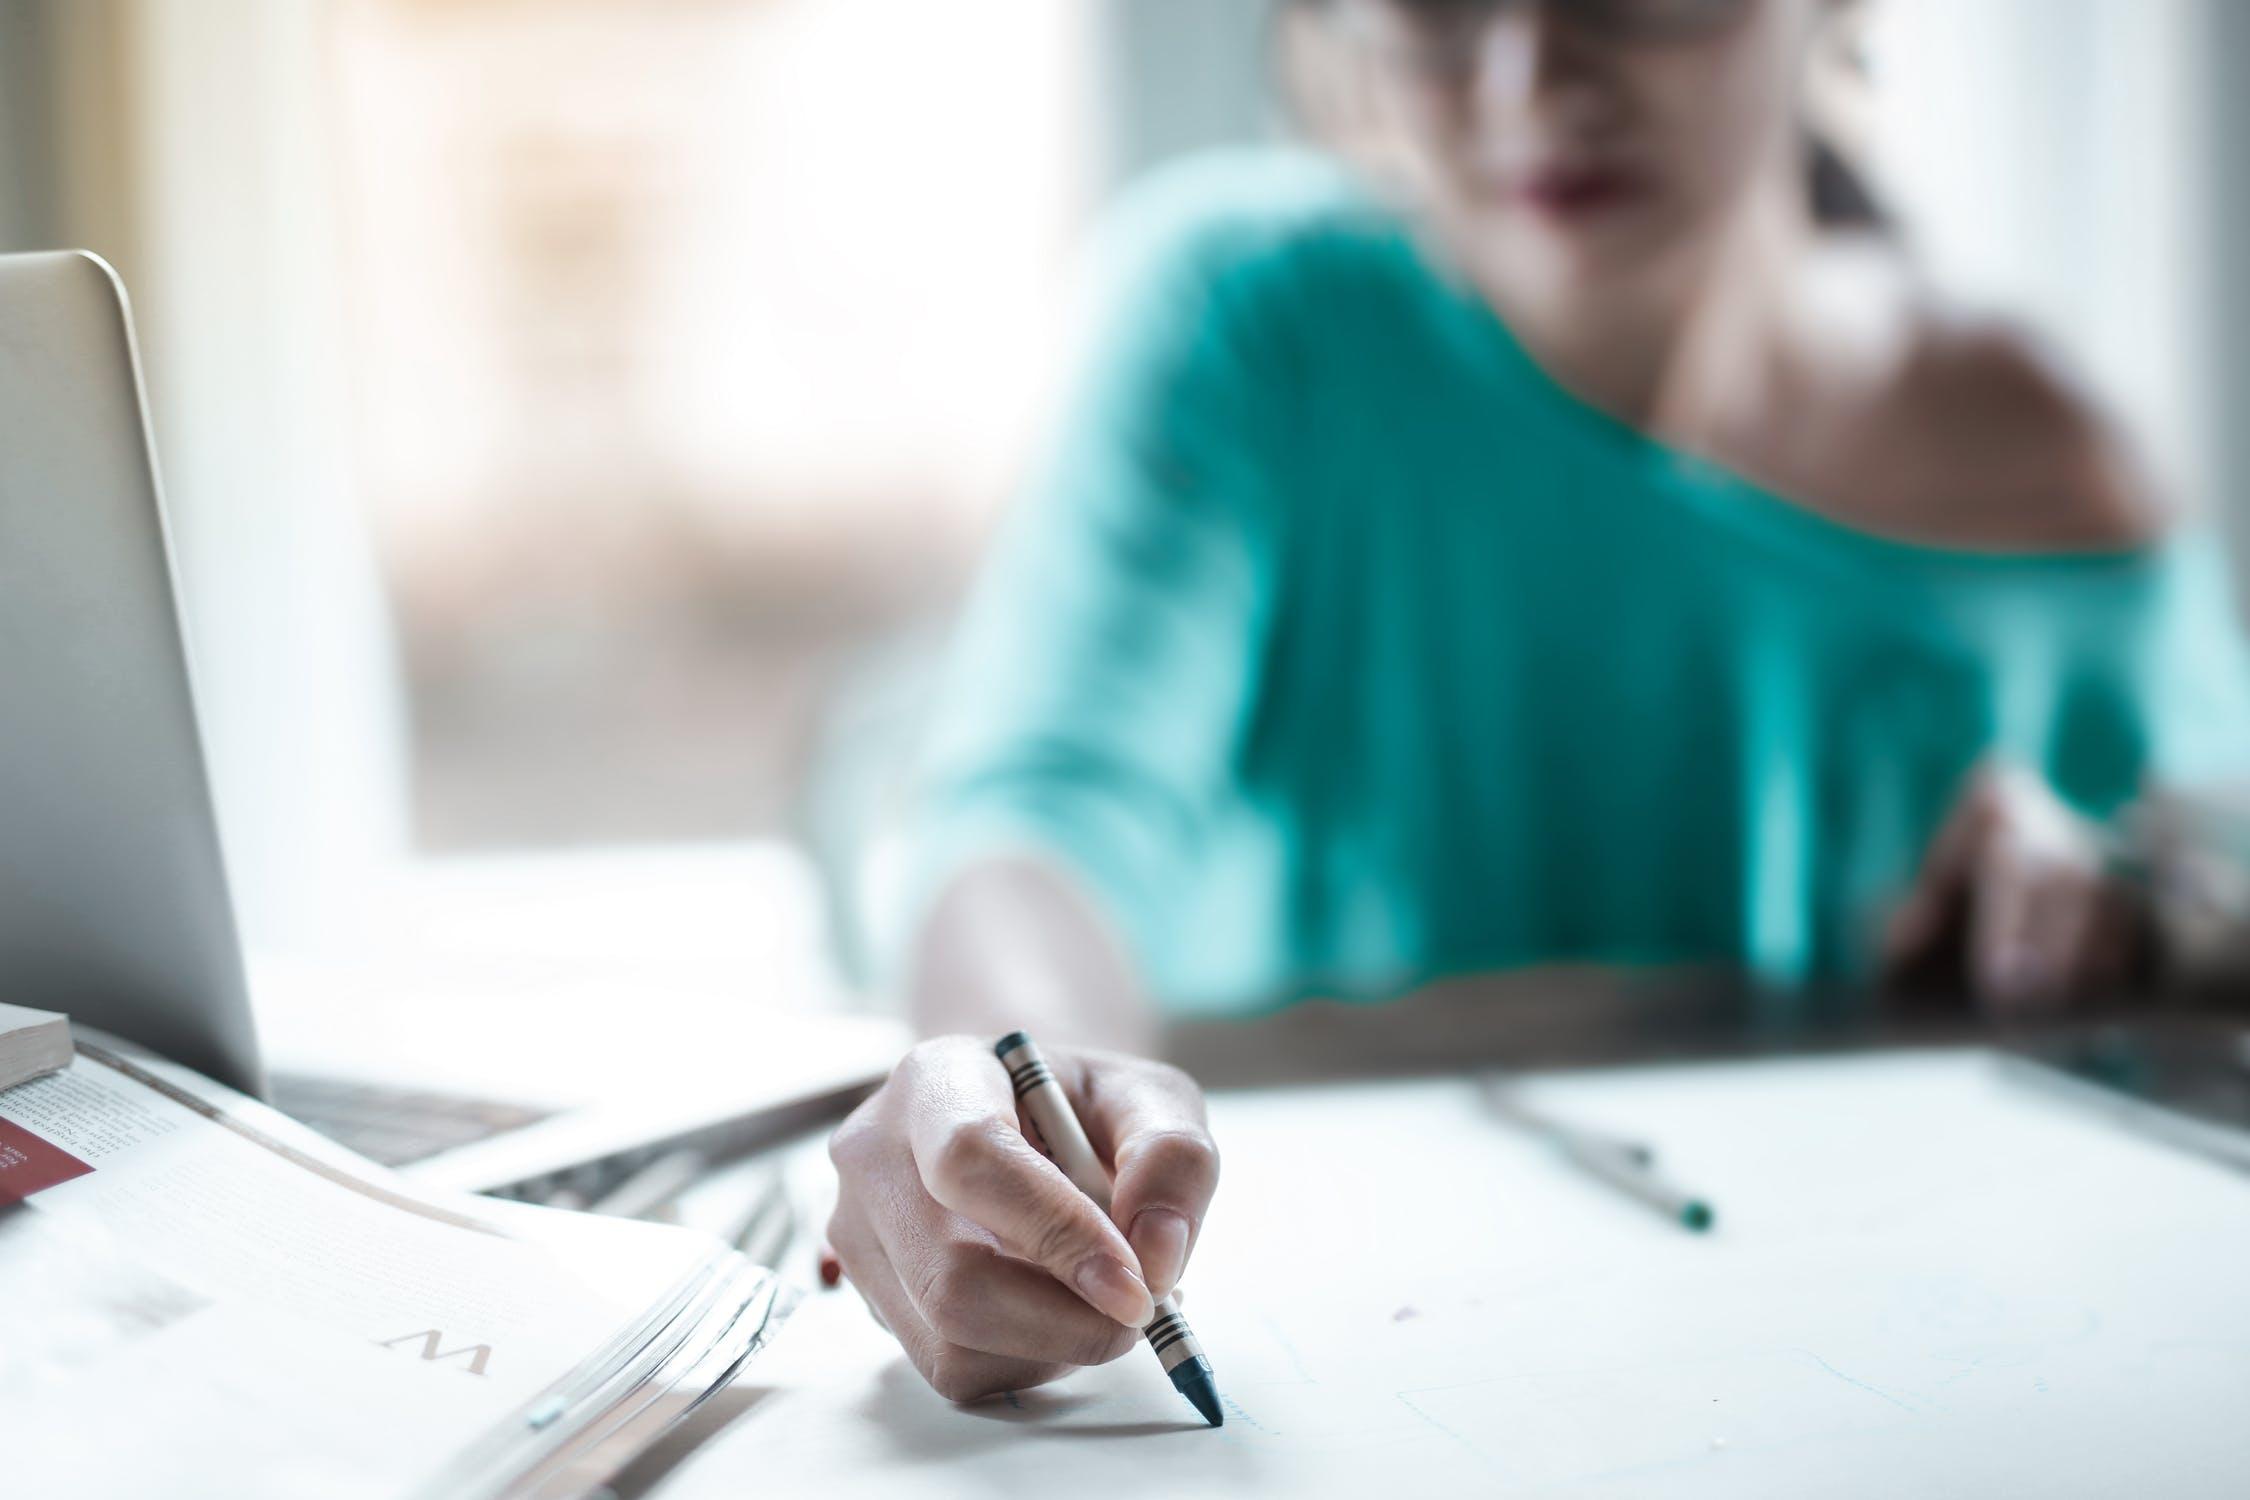 Donna al pc con penna tra le mani